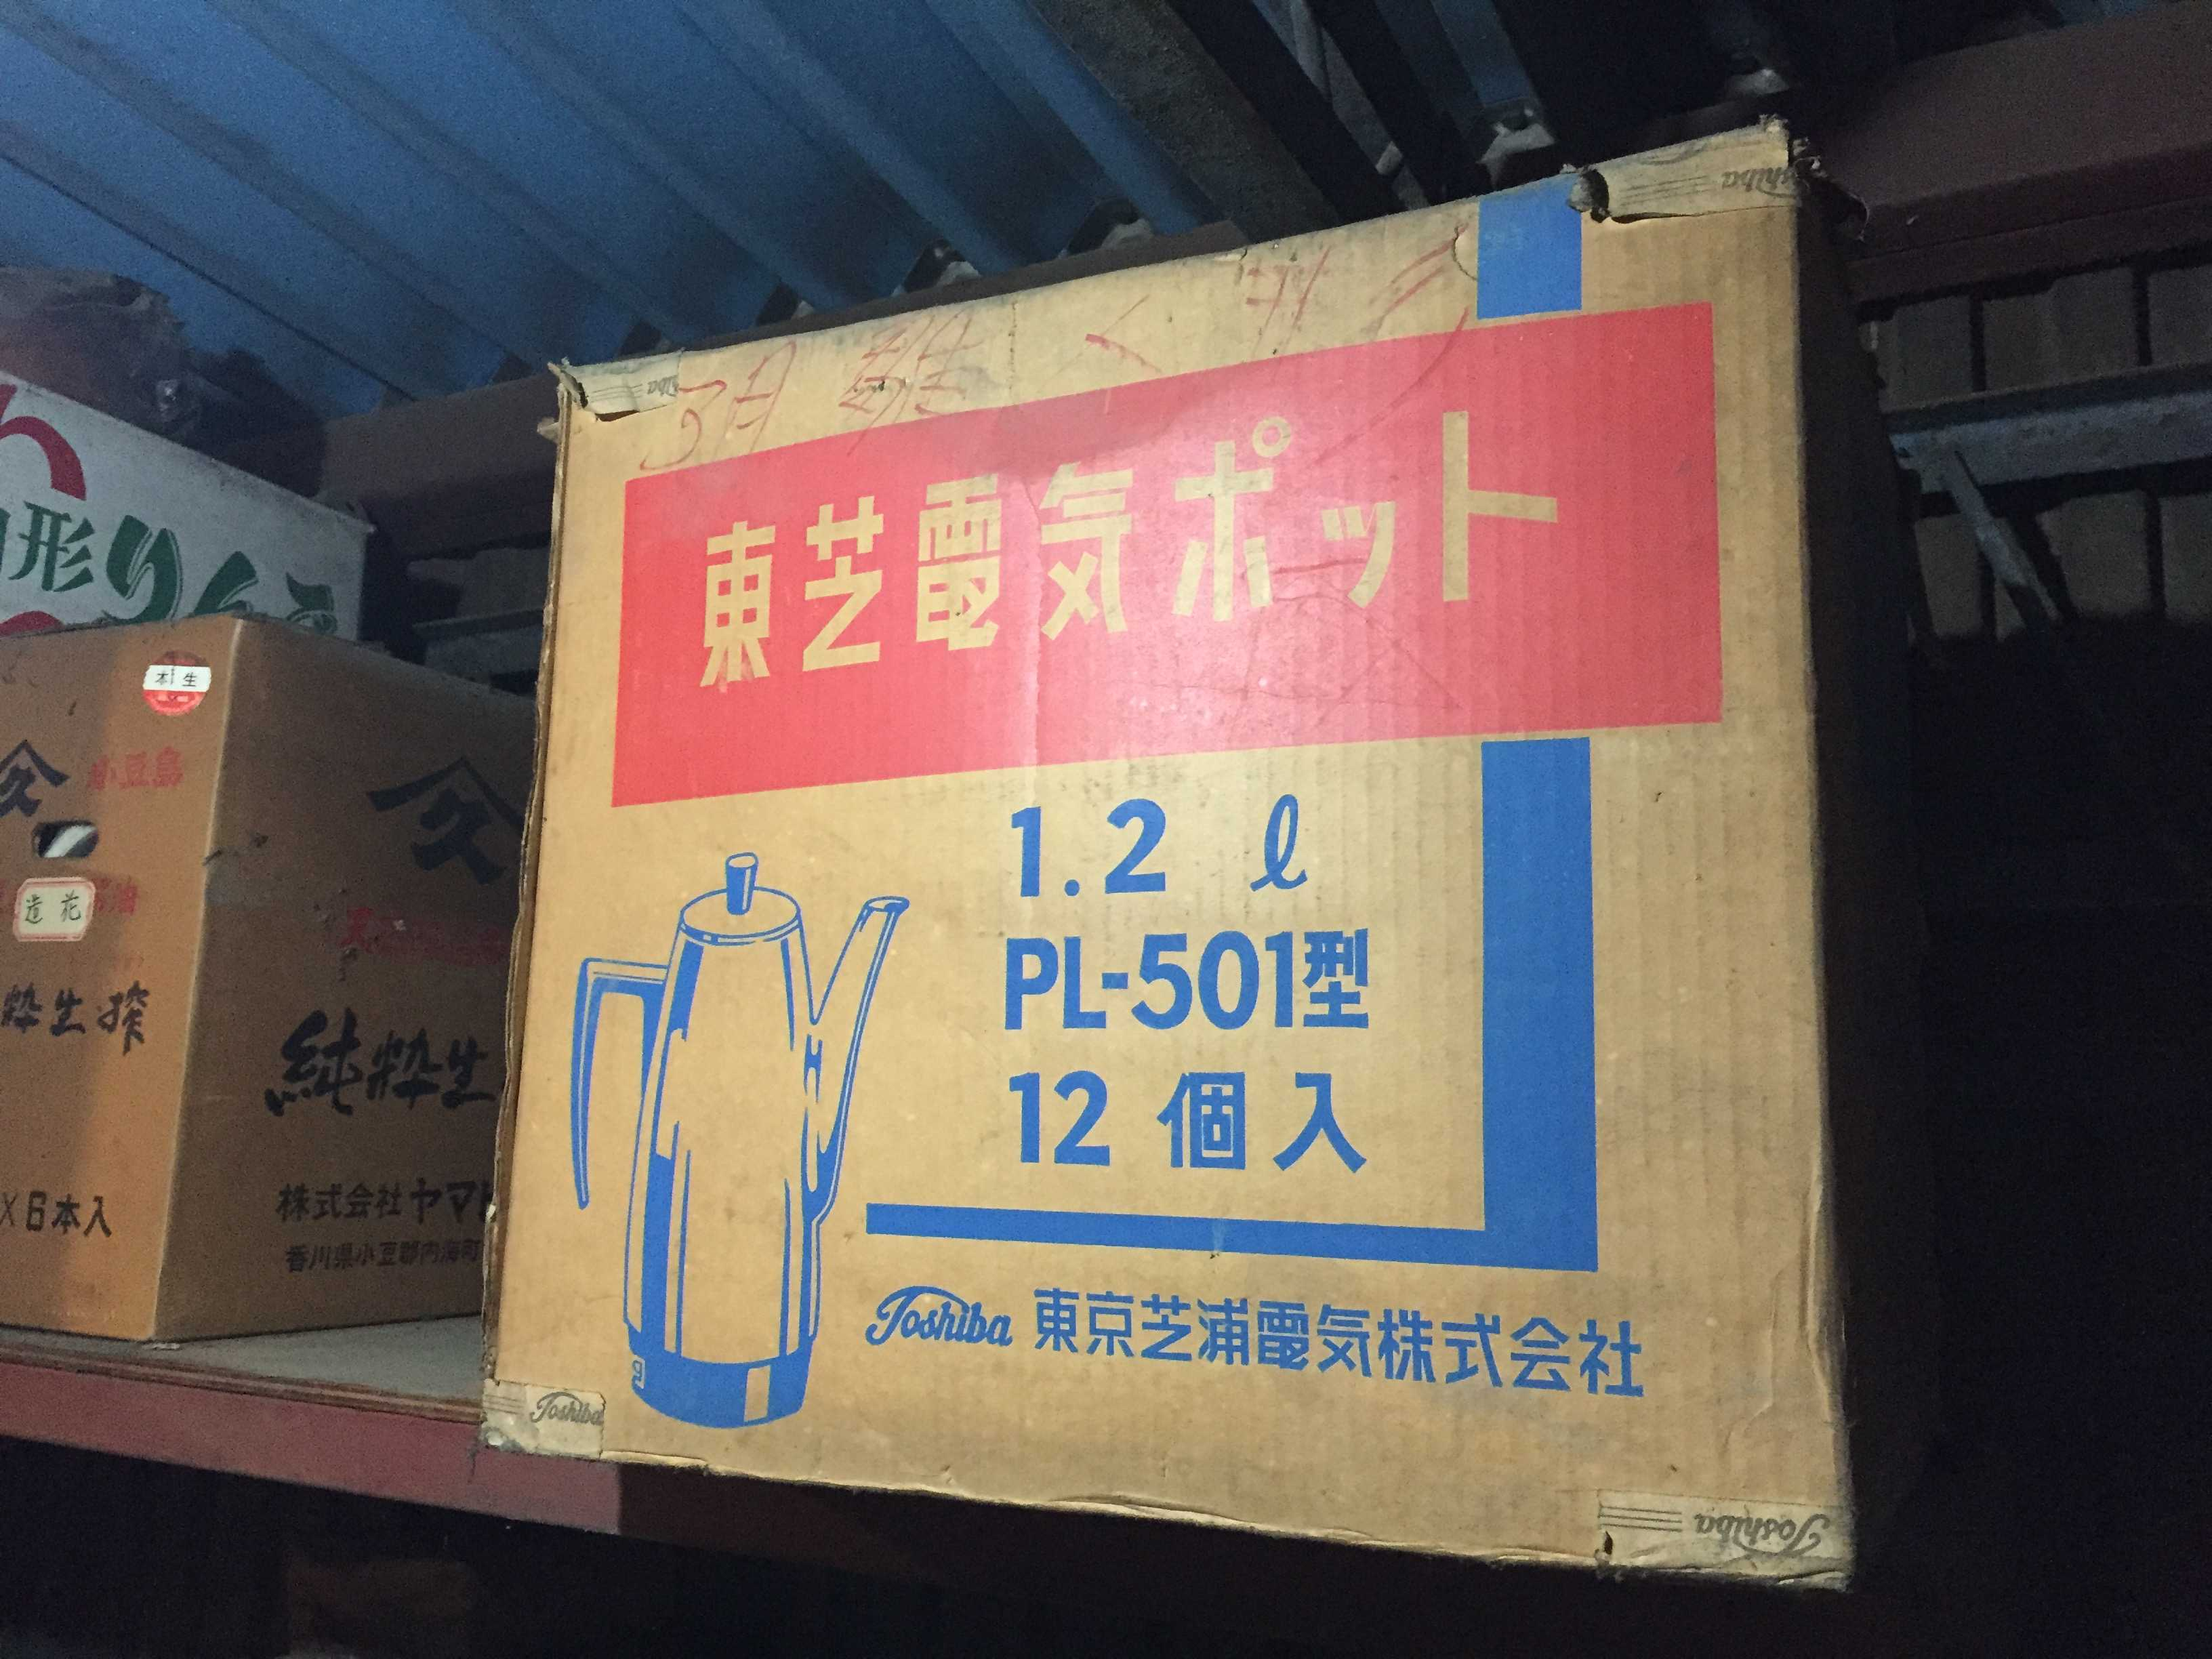 東芝電気ポット(PL-501型)の段ボール箱 - 東京芝浦電気株式会社